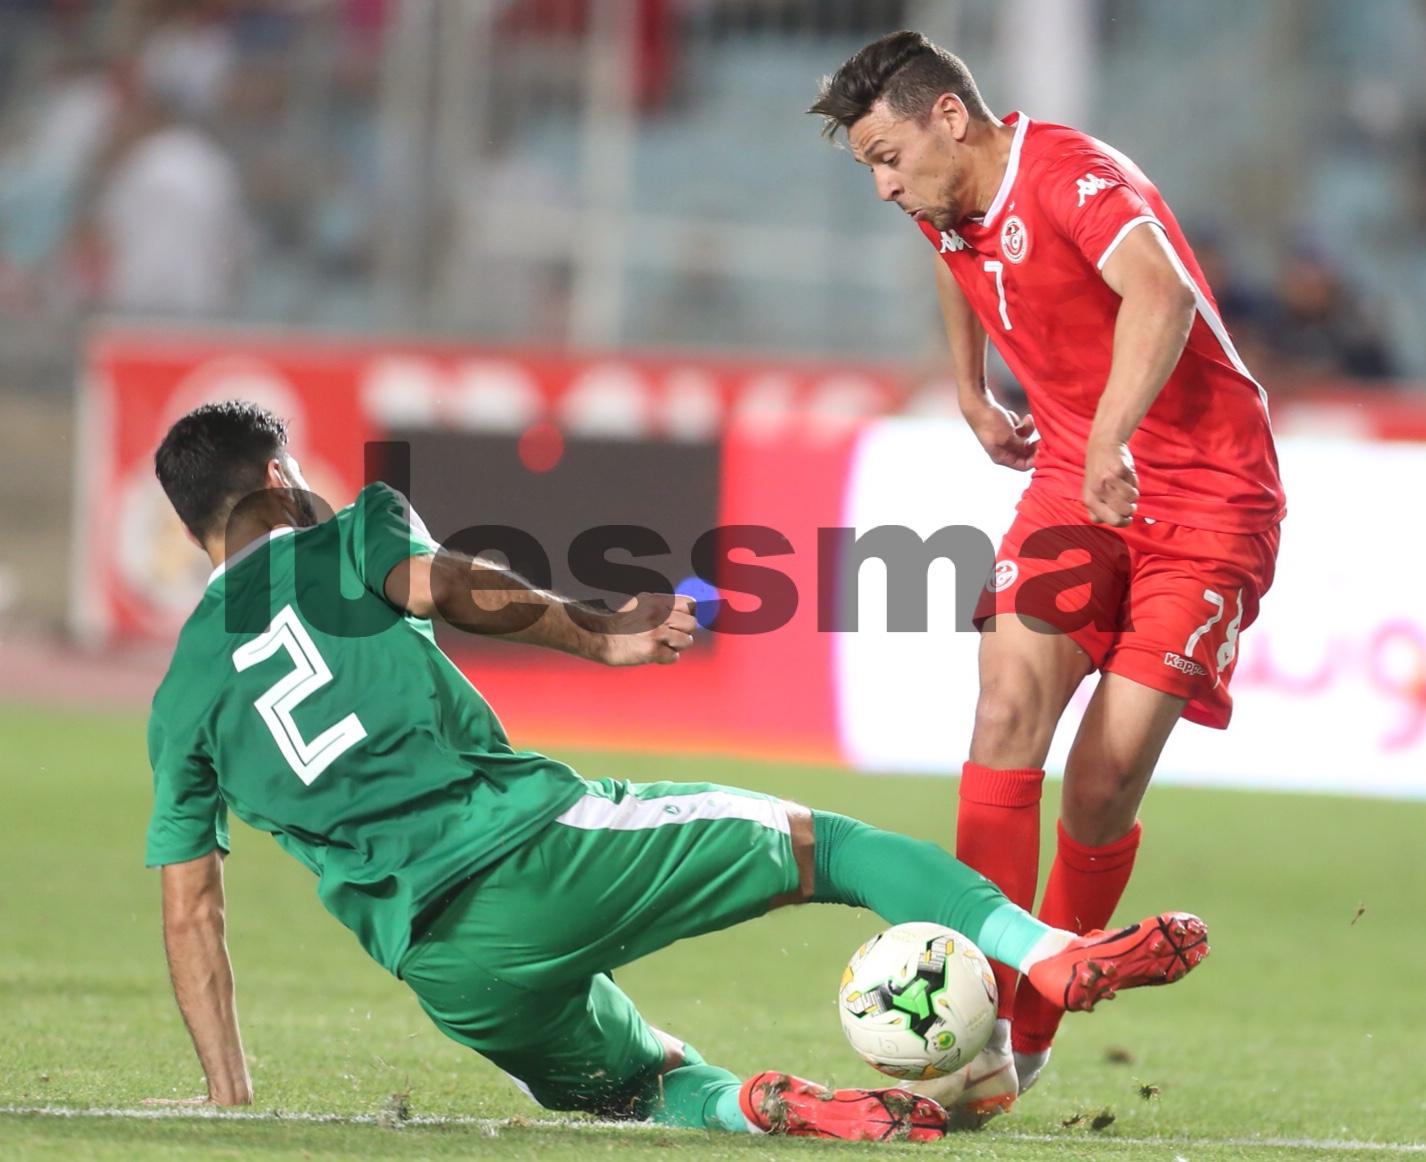 صور الشوط الثاني  لمباراة المنتخب الوطني التونس و المنتخب العراقي